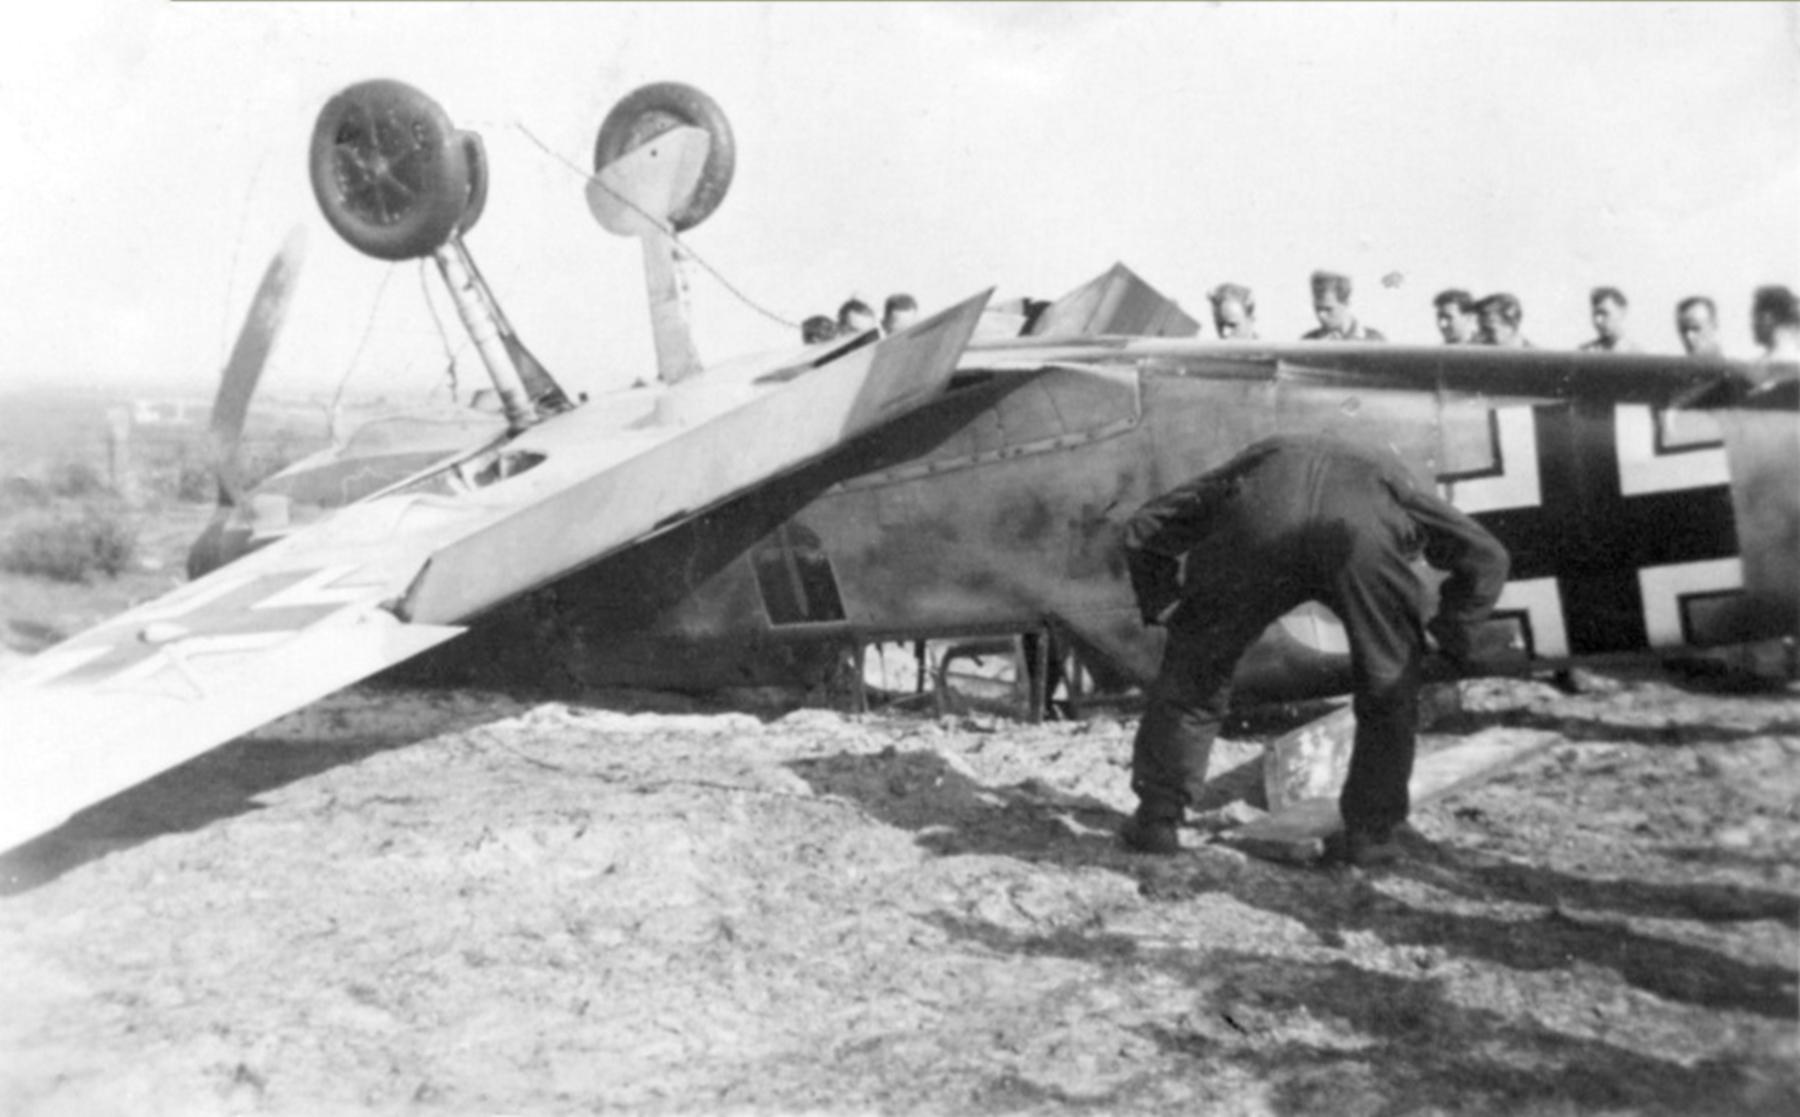 Messerschmitt Bf 109E 1.JG54 White 6 landing mishap ebay 02